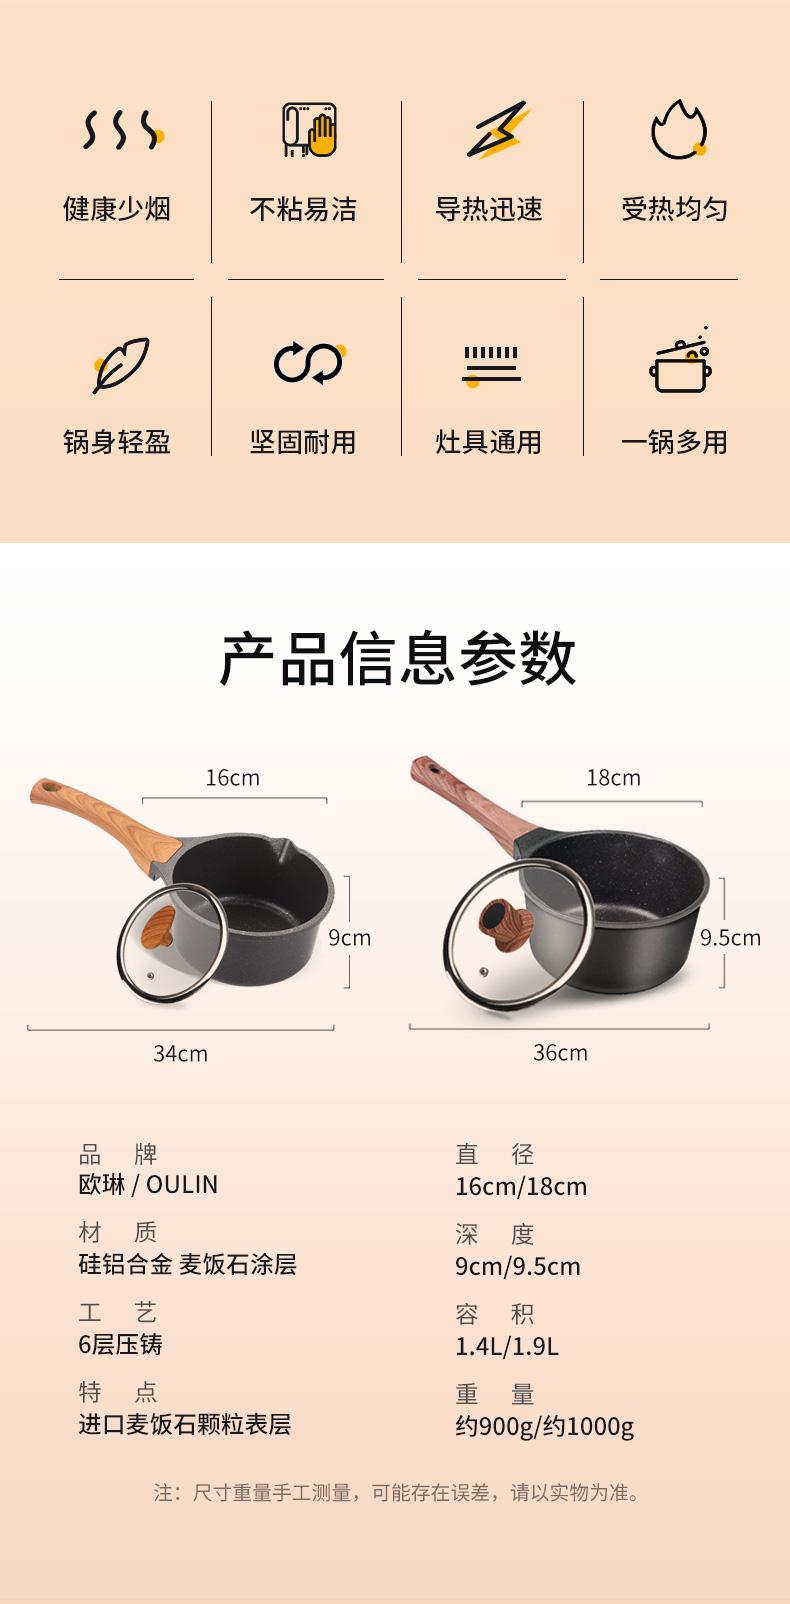 欧琳麦饭石宝宝专用副食品不沾锅儿童婴儿煎煮一体多功能奶锅家用详细照片